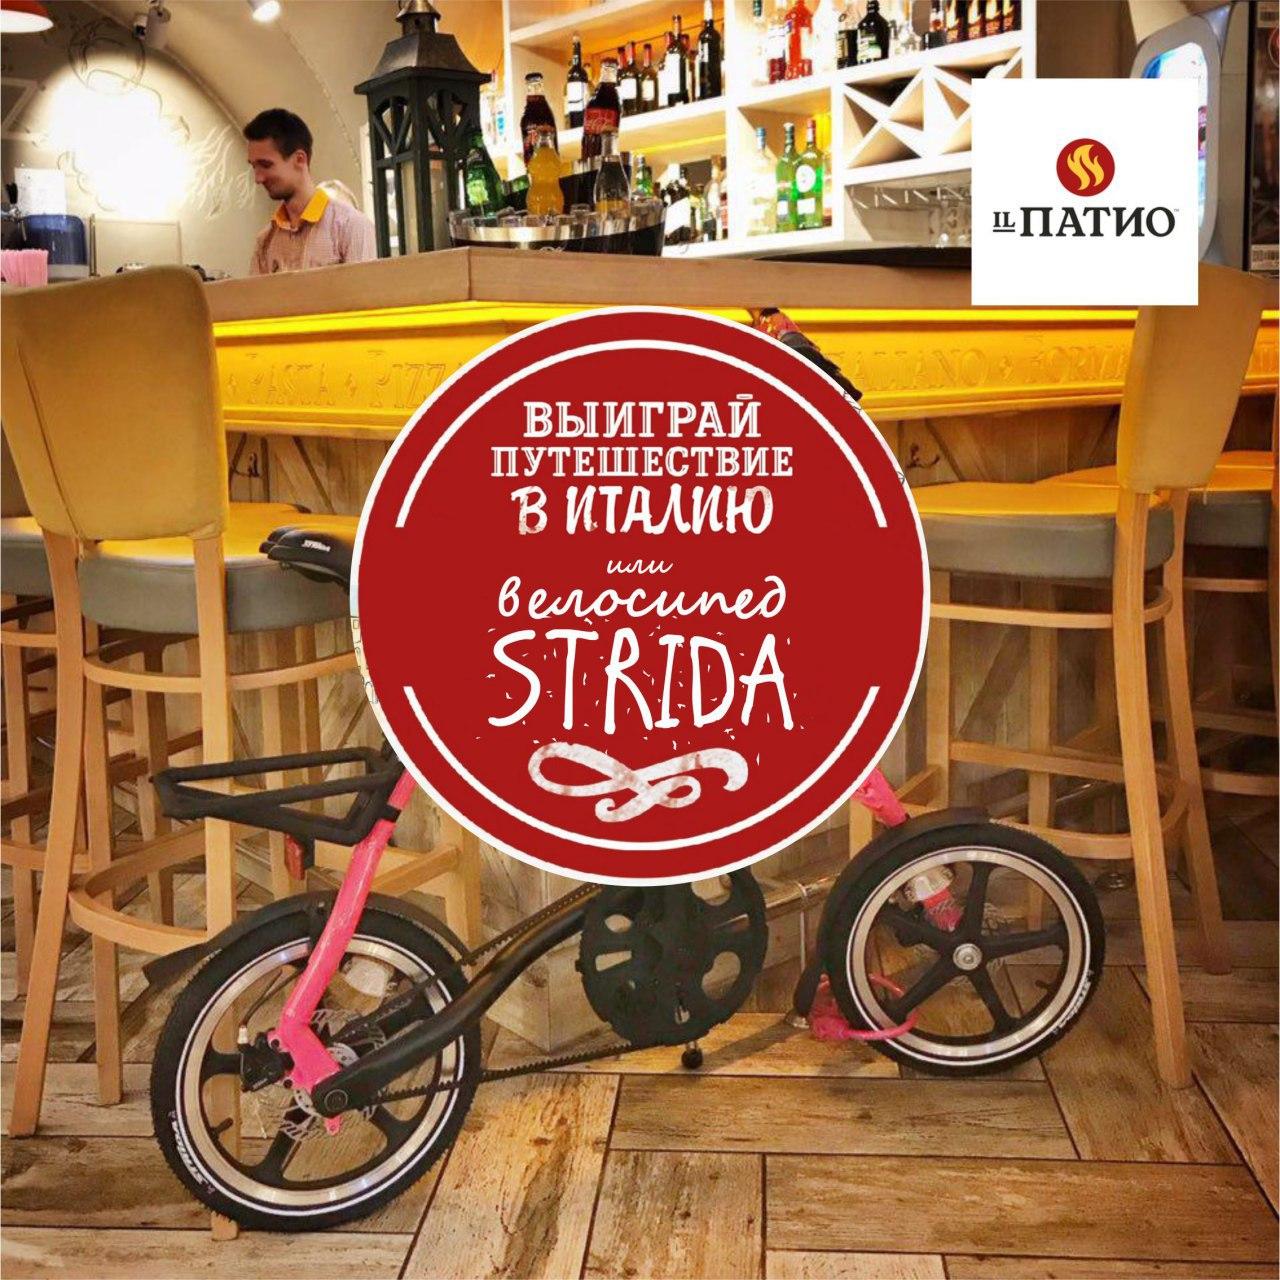 Розыгрыш Strida LT в ресторанах Il Patio